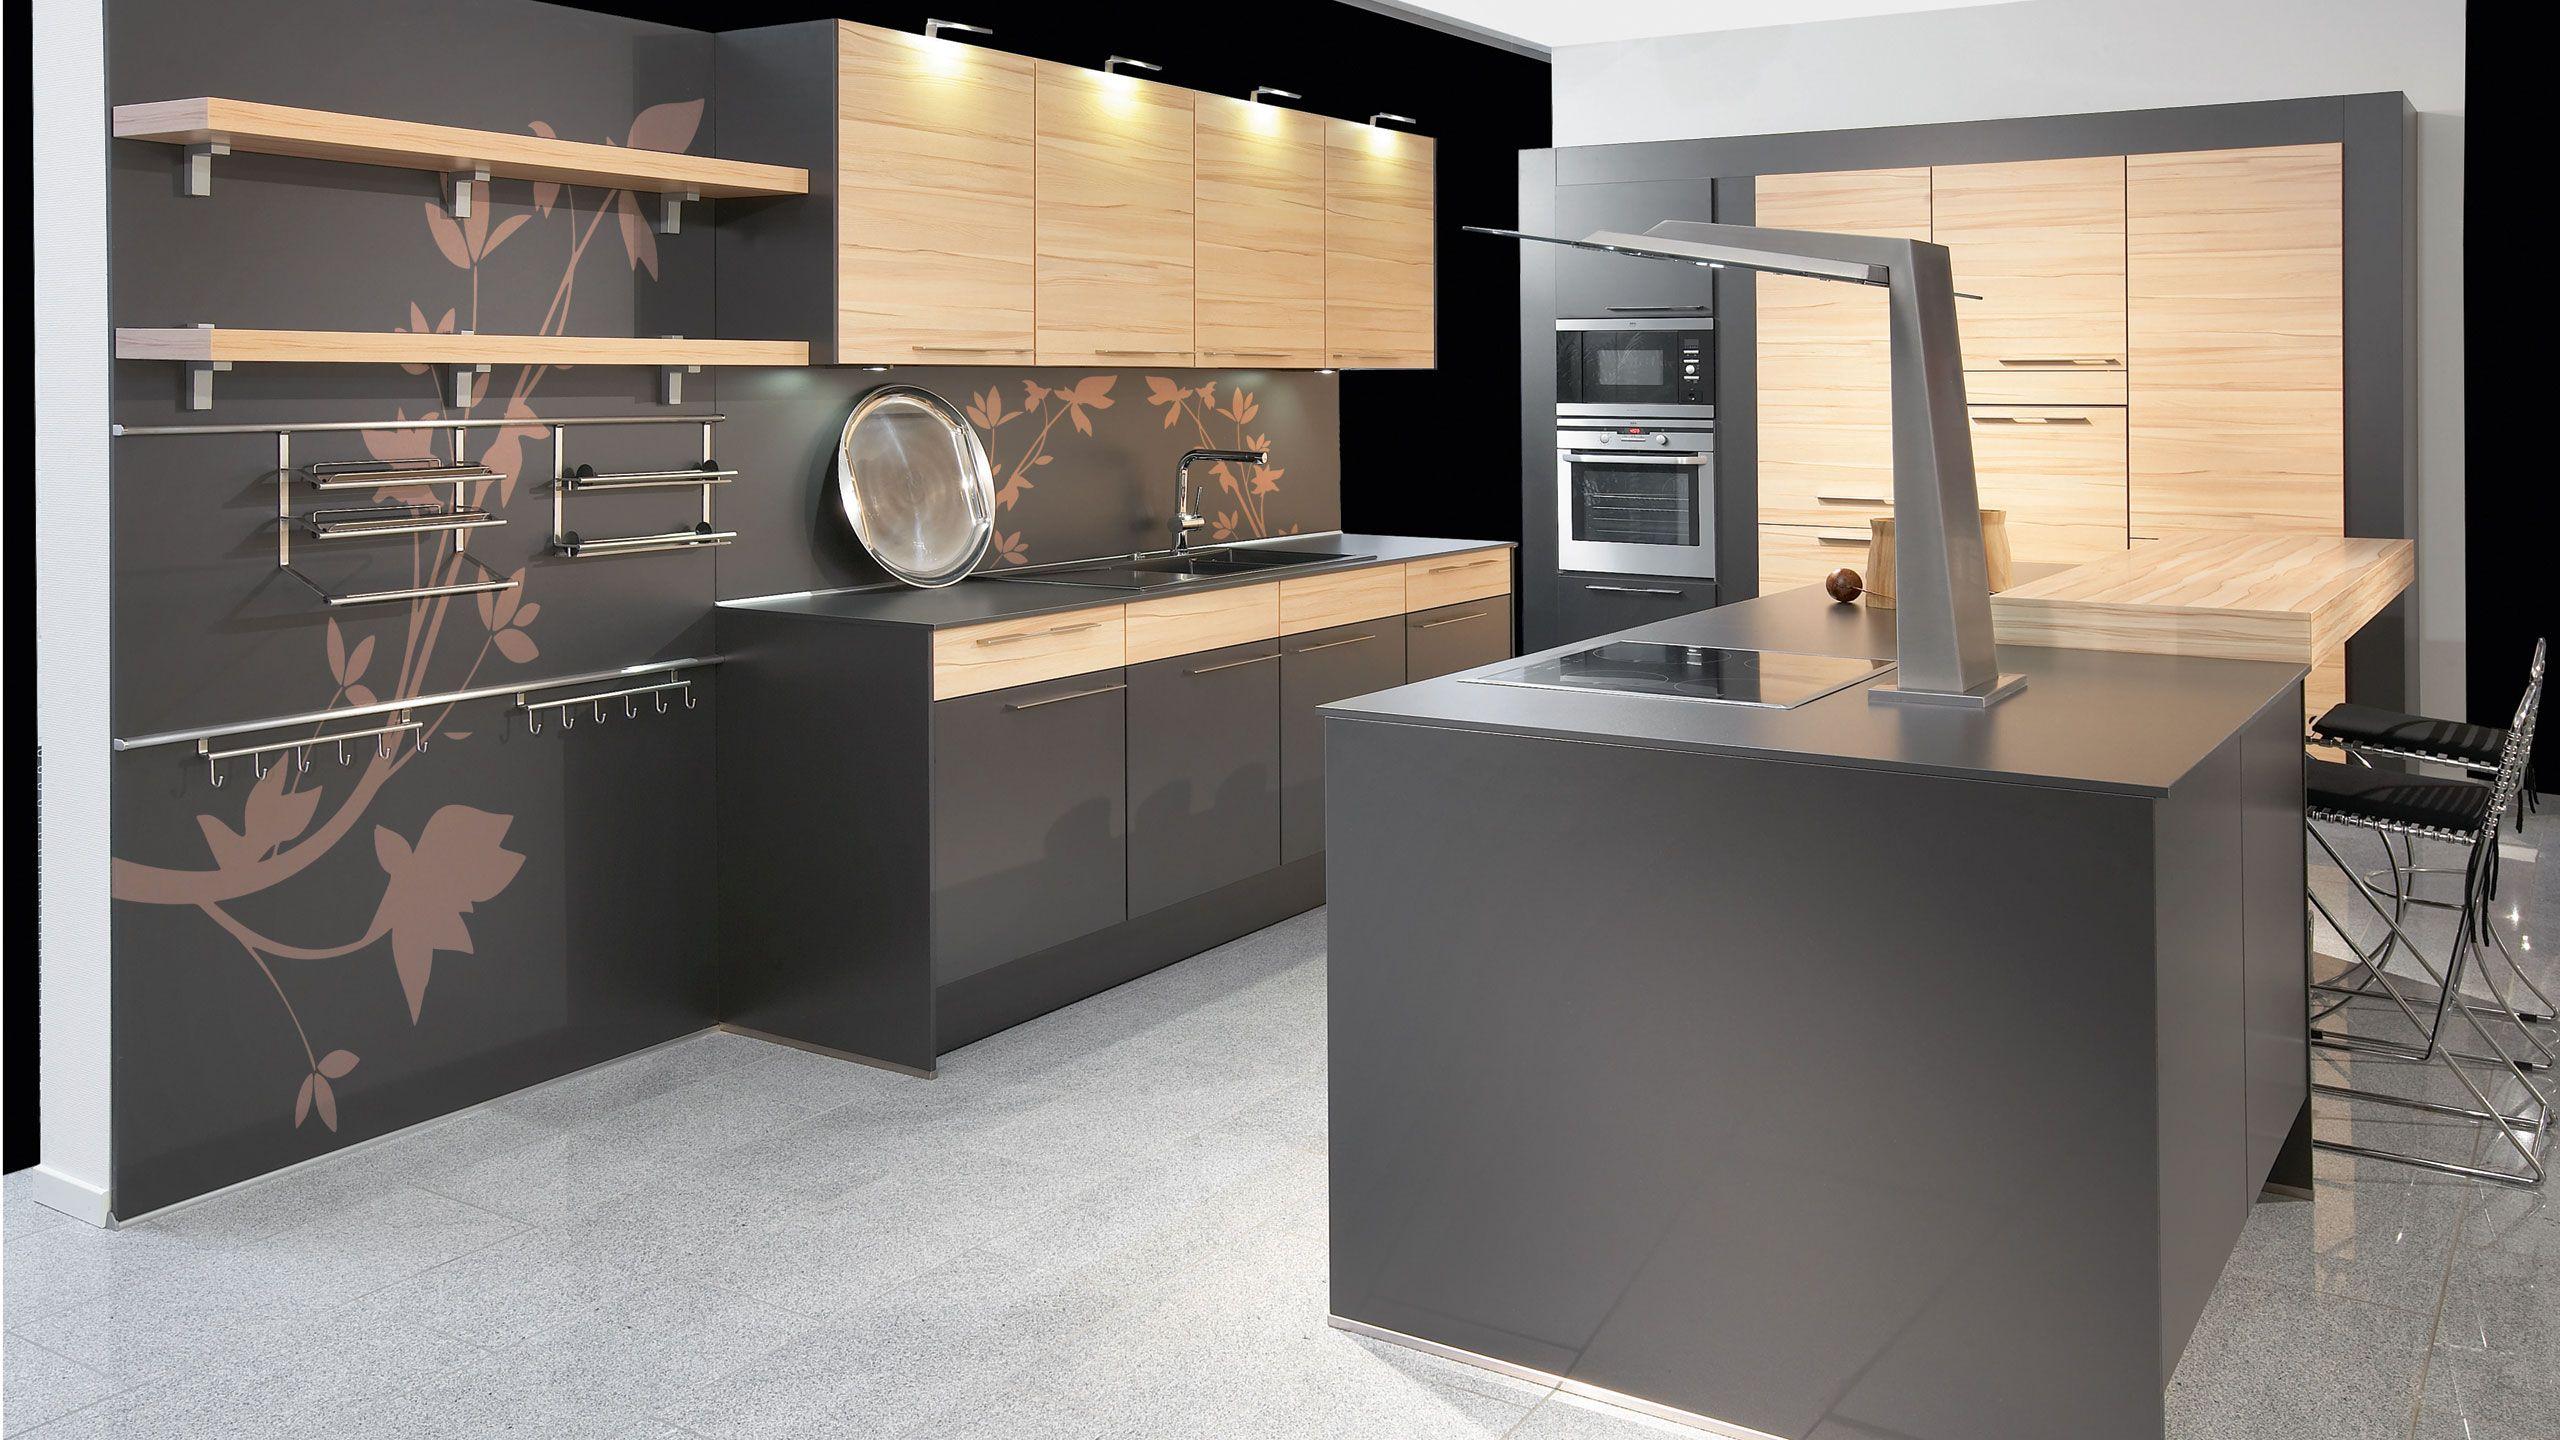 kuchenhouse cocinas | catálogo diseño moderno | decoracion y